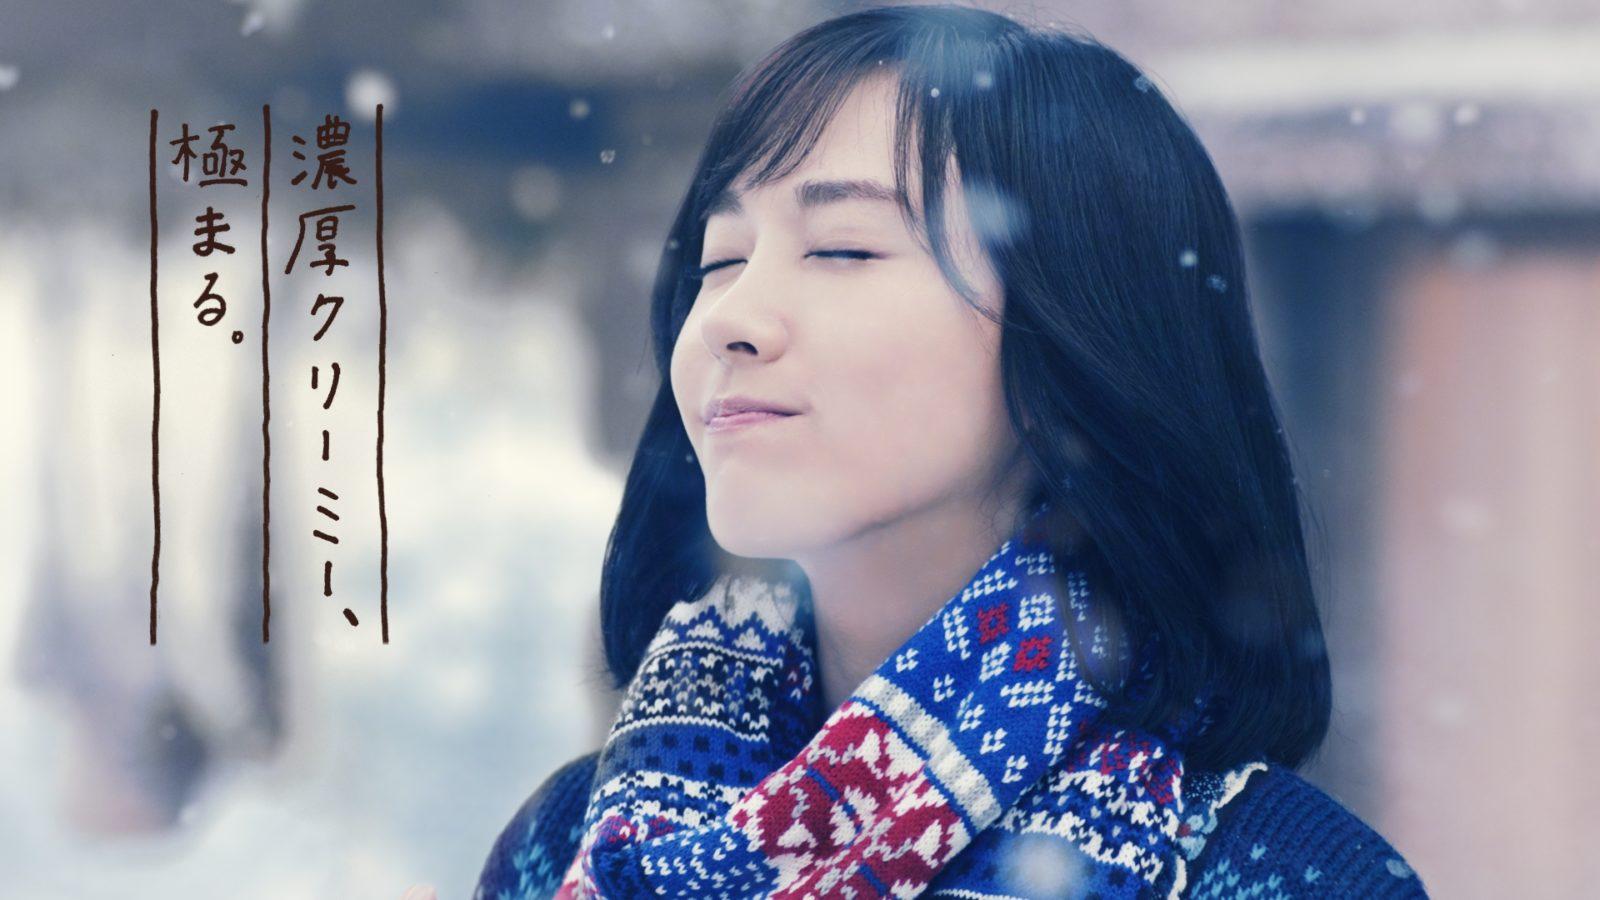 新垣結衣の定番冬CMの情報にネットでは「冬よ 早く来い」の声サムネイル画像